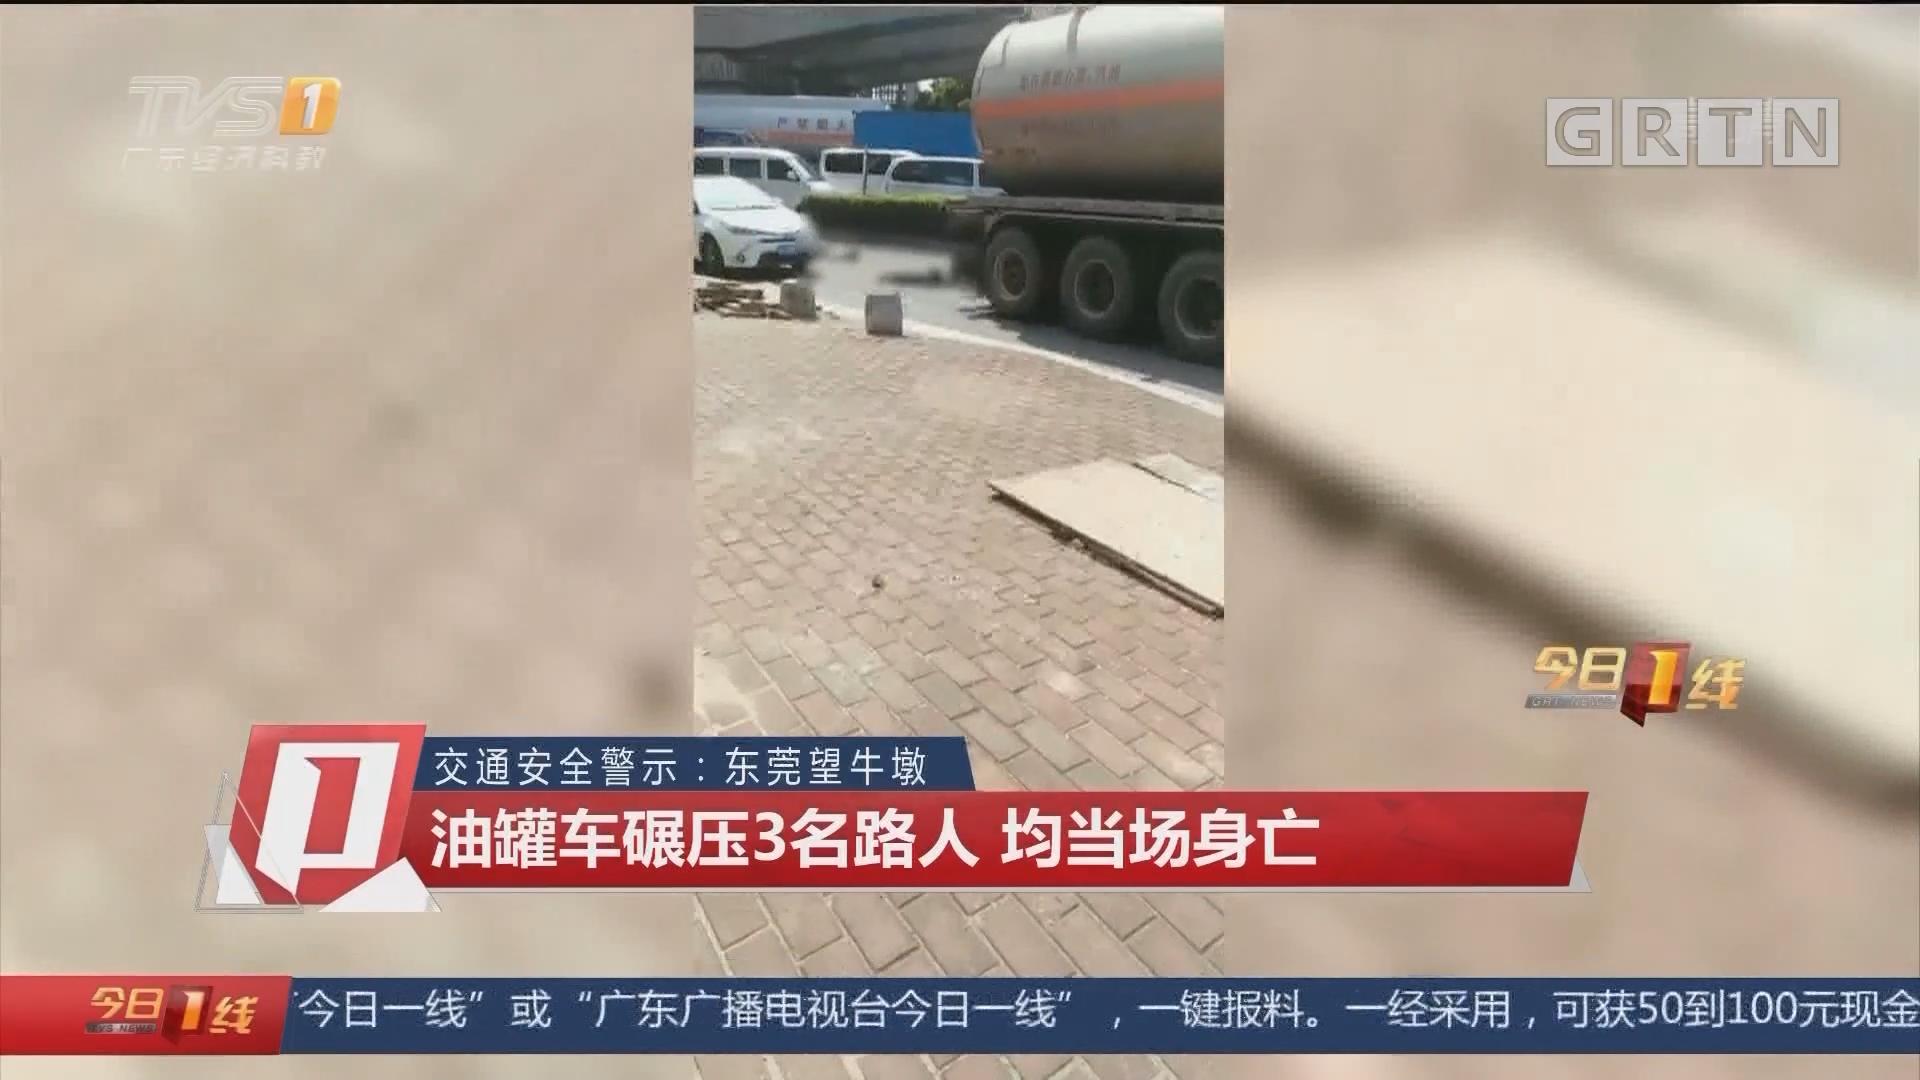 交通安全警示:东莞望牛墩 油罐车碾压3名路人 均当场身亡